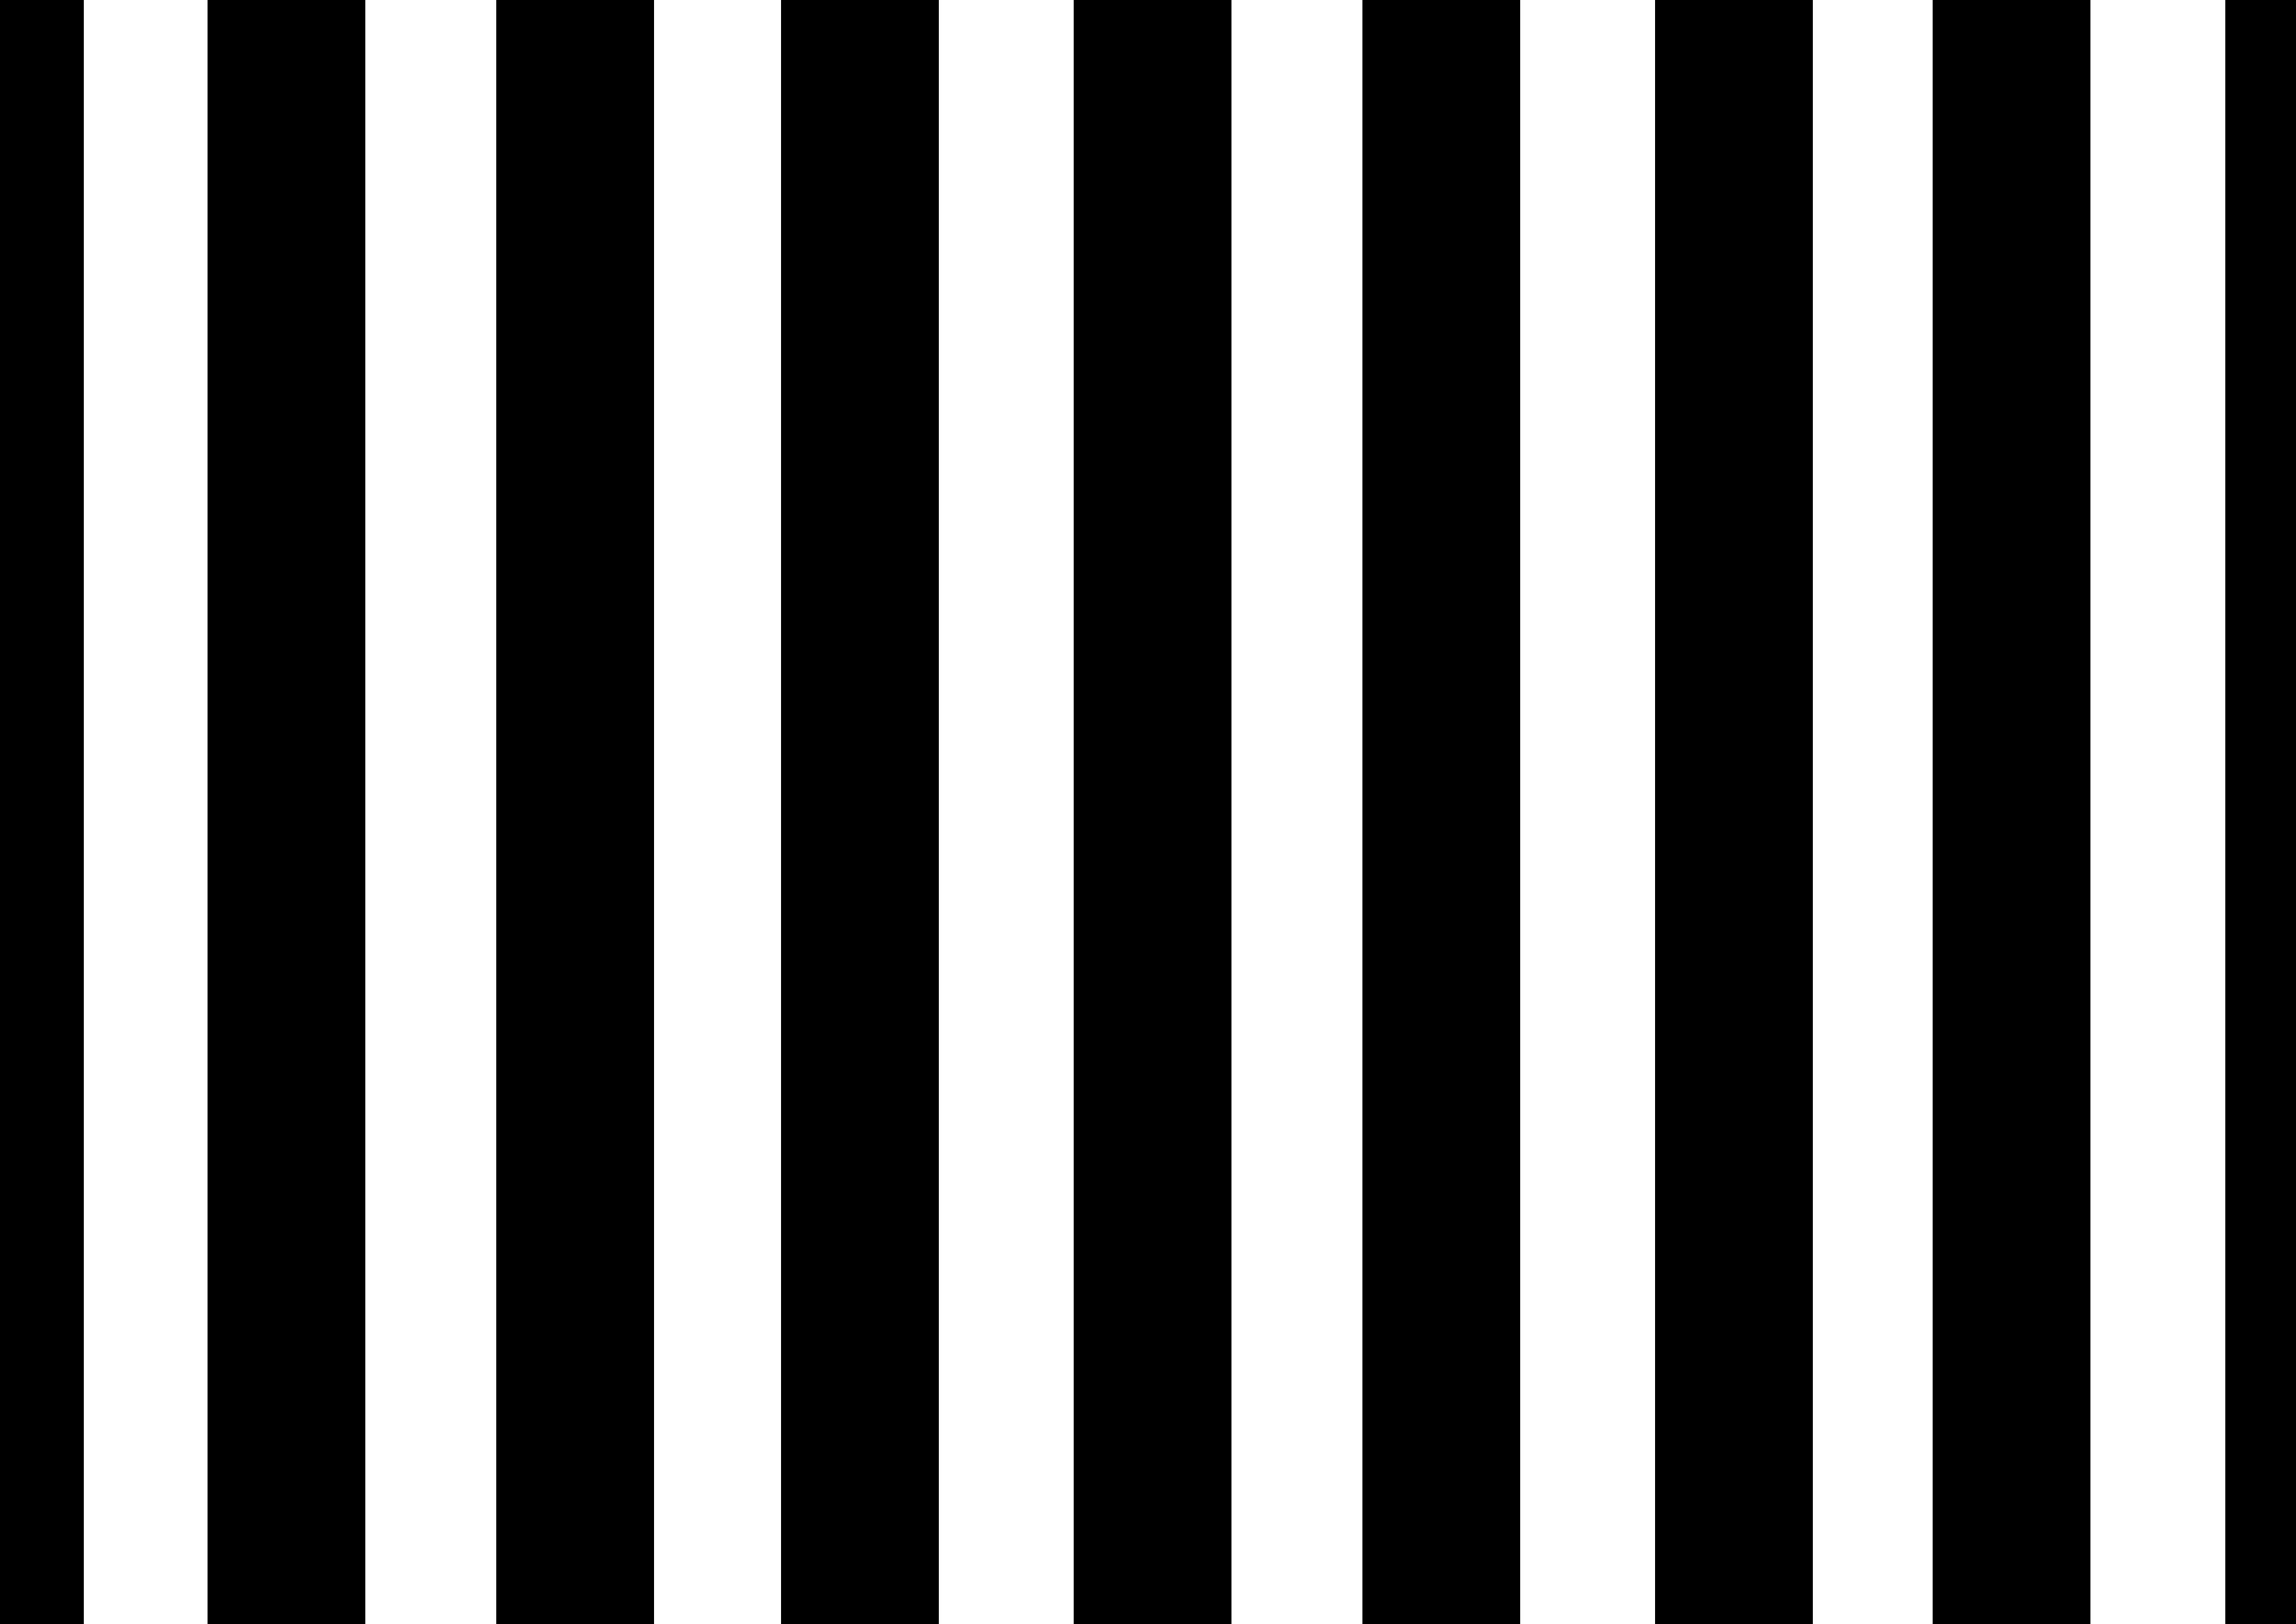 Black WhiteLOGO